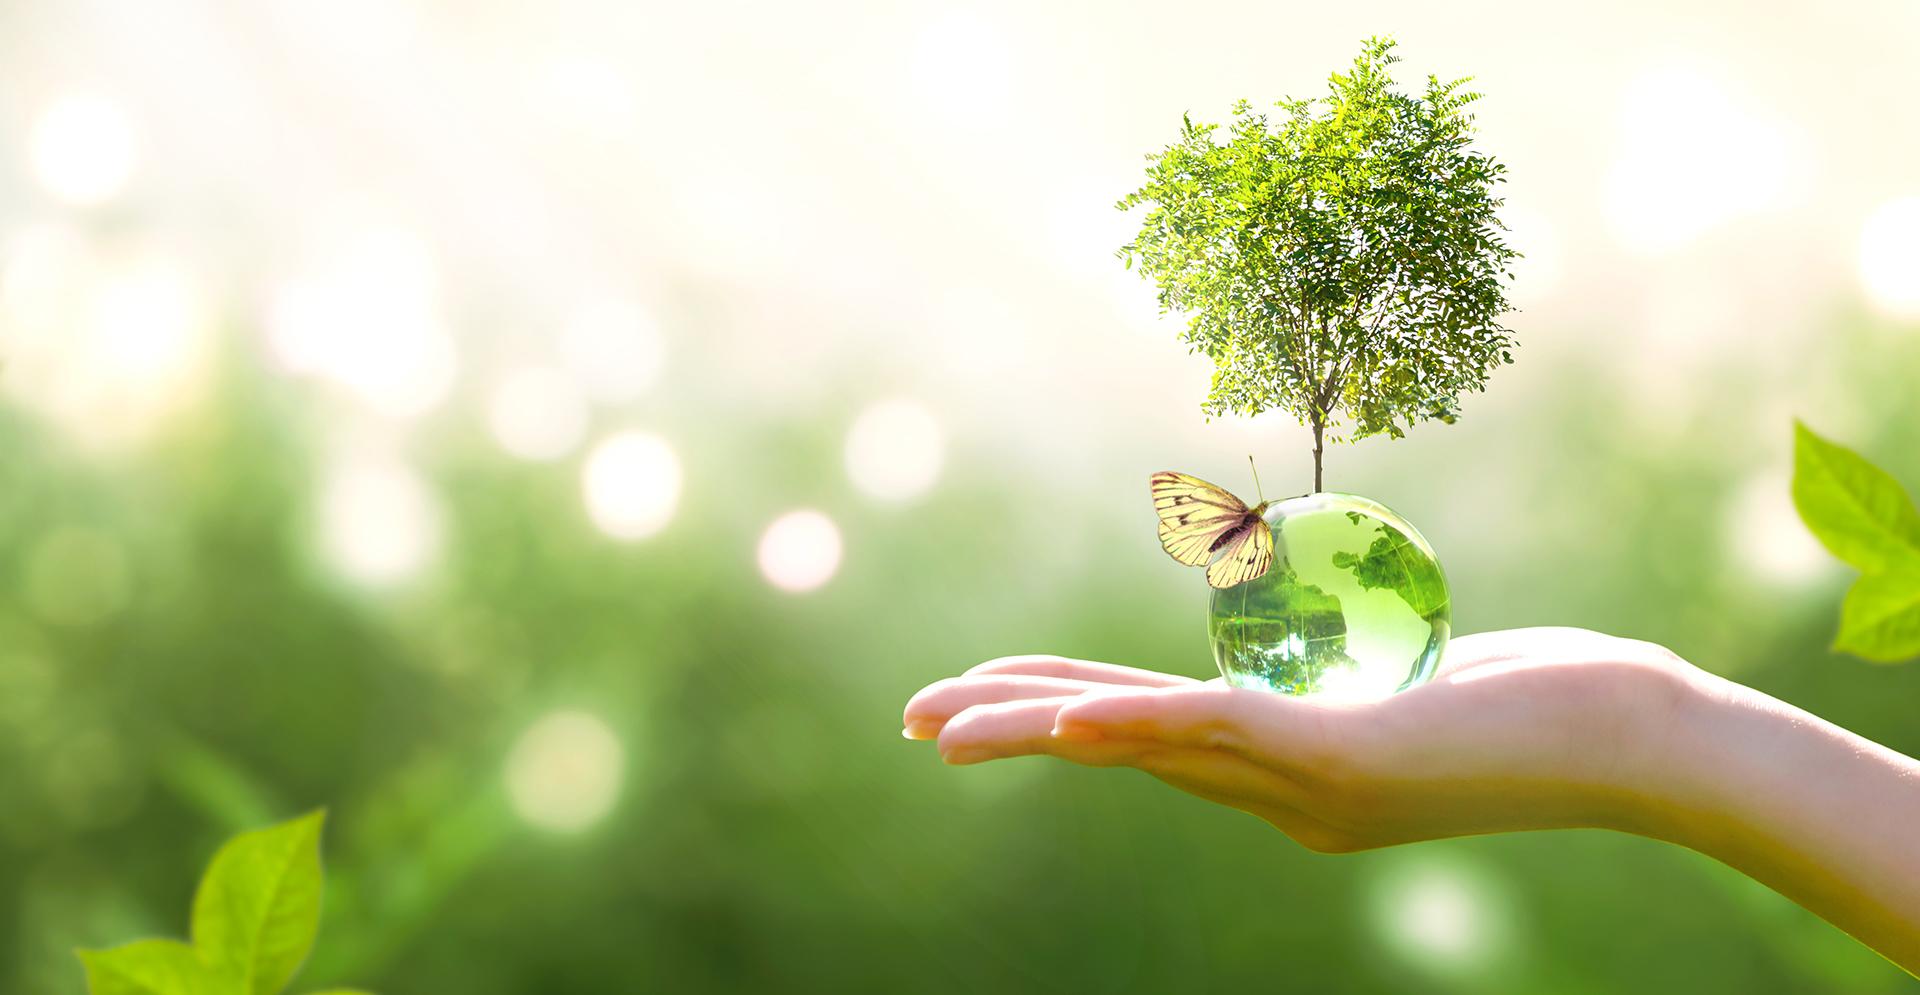 Lasipallosta 'kasvaa' puu-asetelma ja perhonen ihmisen kädessä